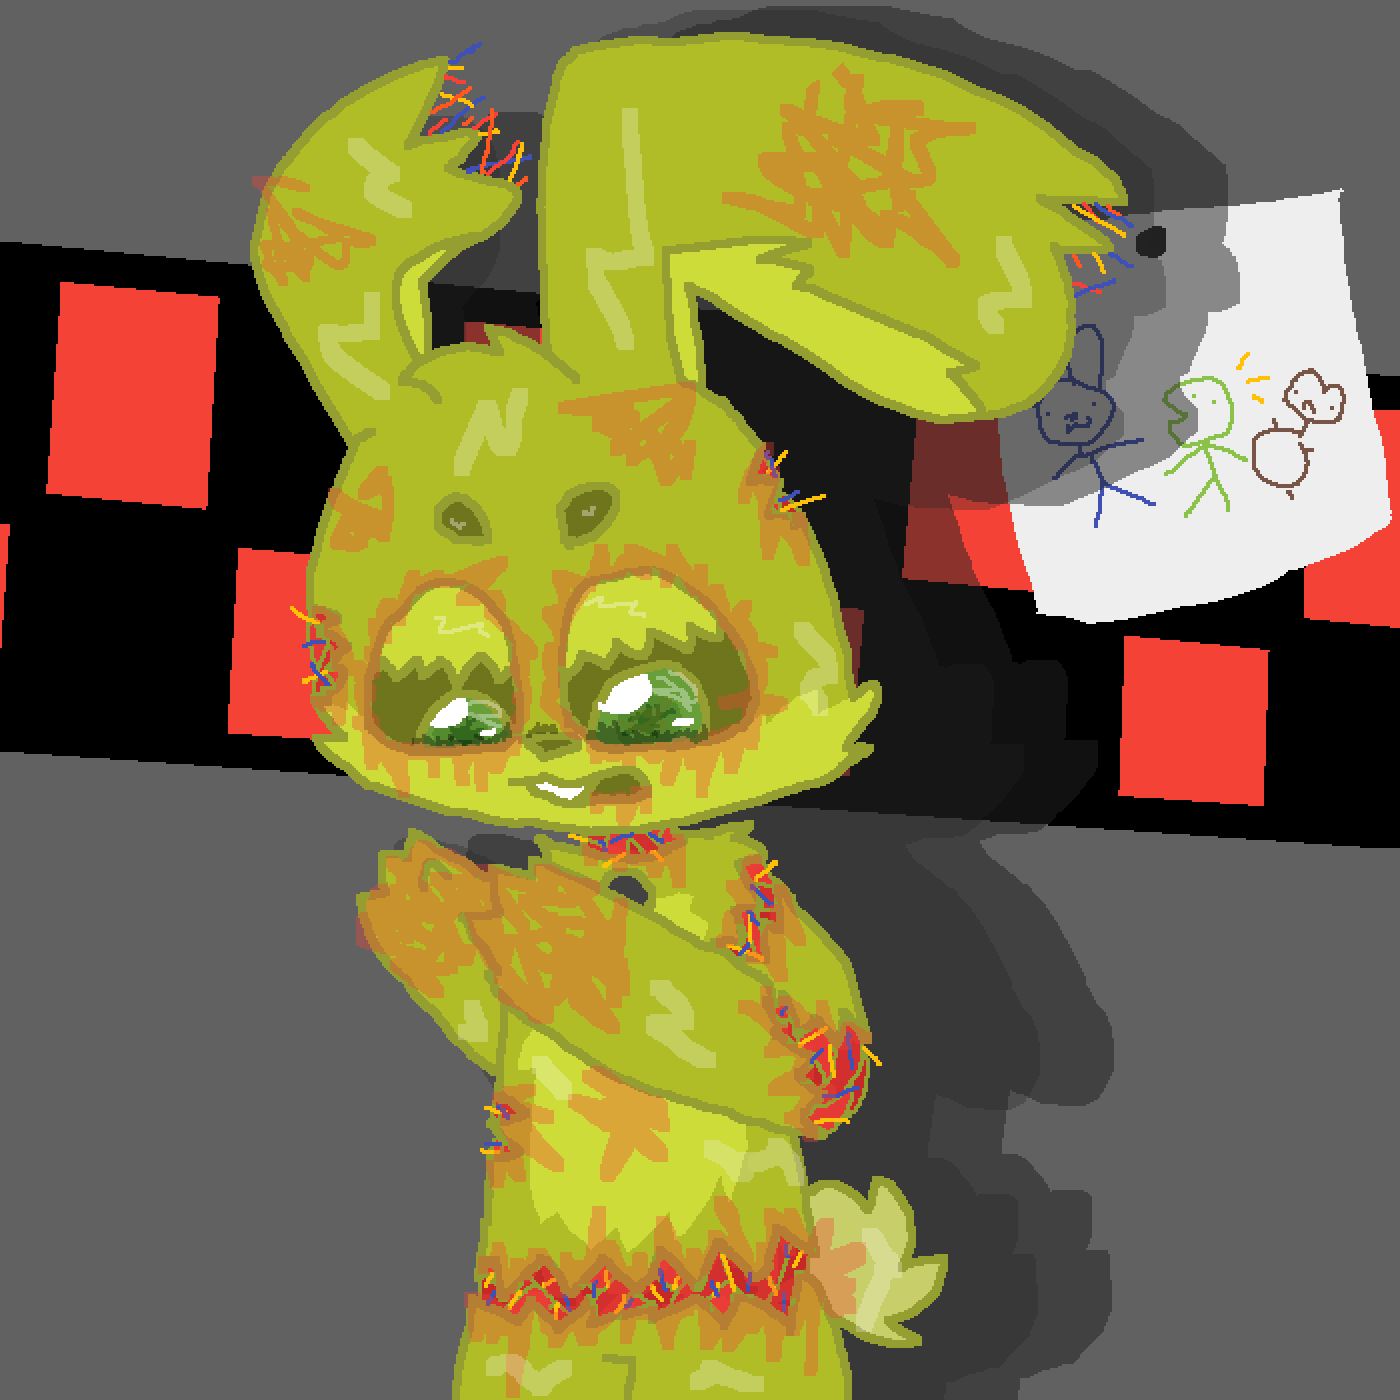 main-image-SpringyBOI  by ChewyDaGoat